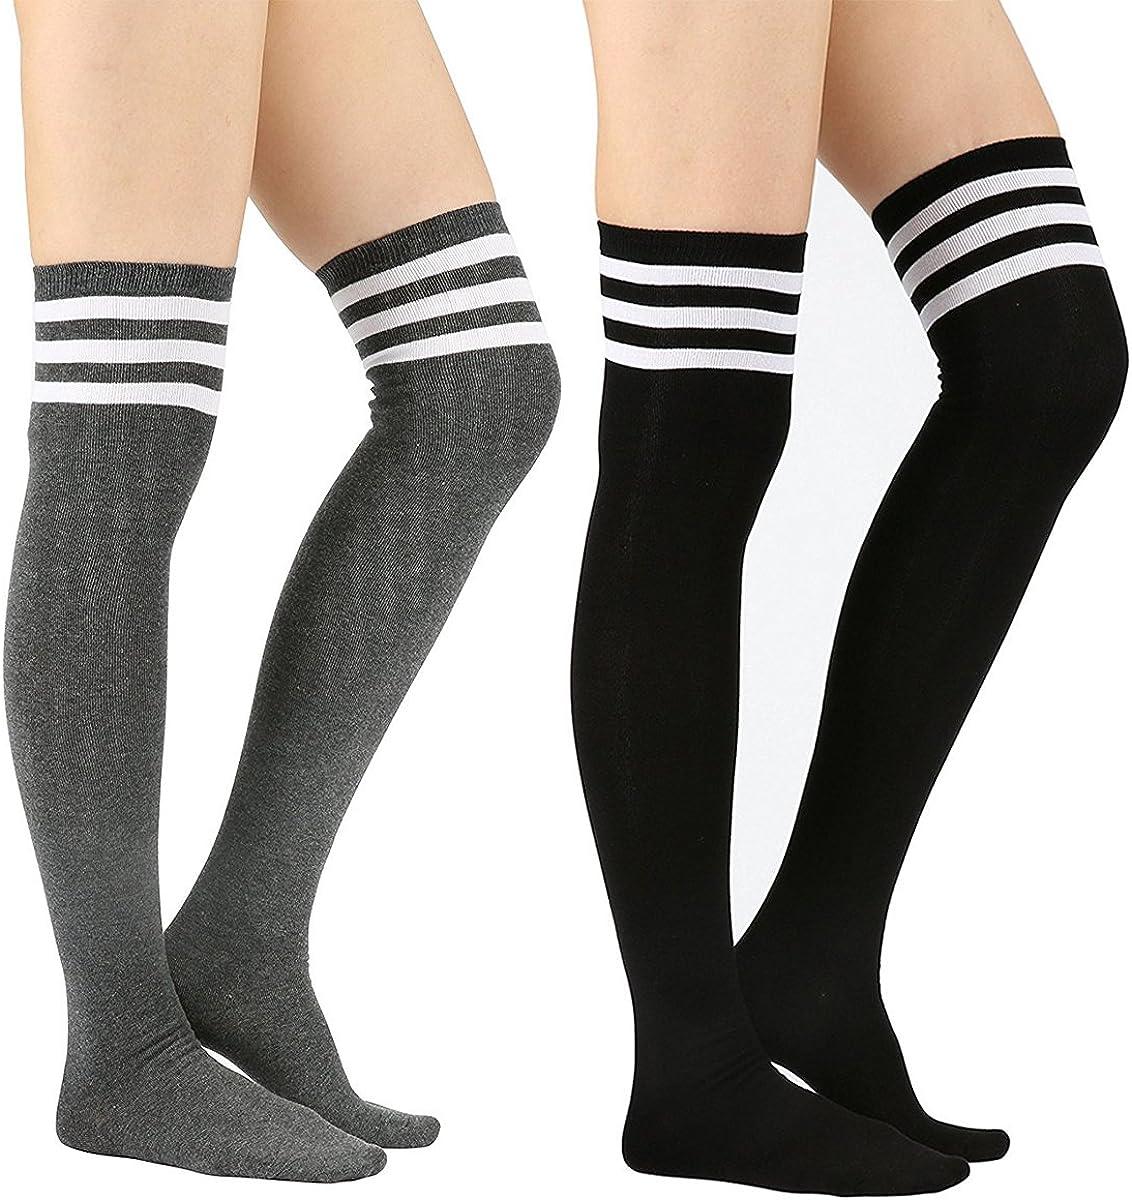 Stripey Striped  Overknee Over the Knee Long Socks Sox